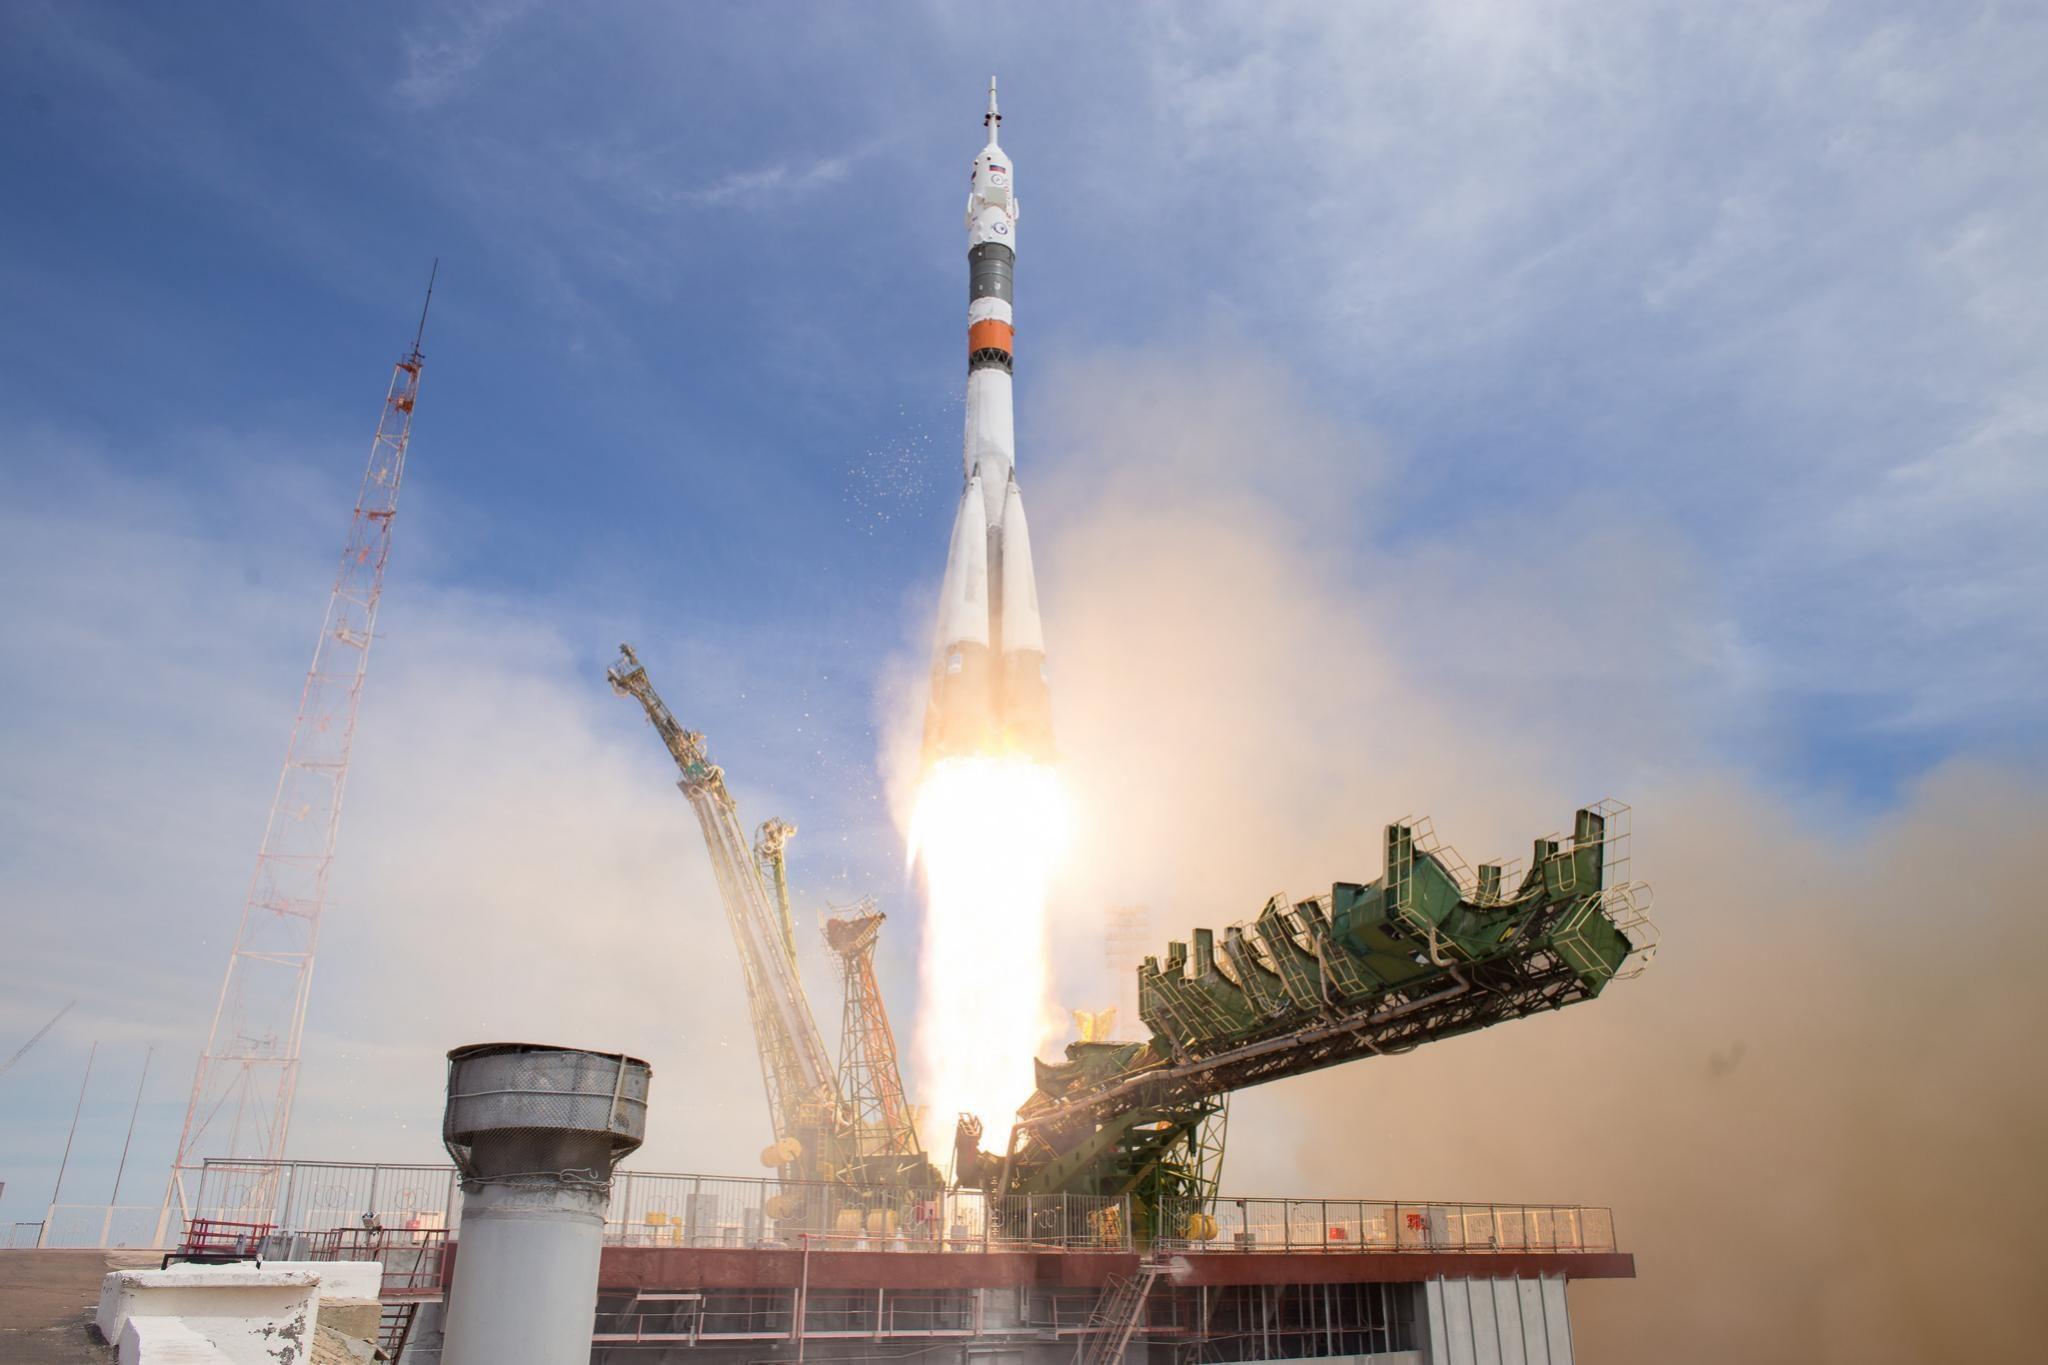 Δύο νέα μέλη πληρώματος έφτασαν στον Διεθνή Διαστημικό Σταθμό